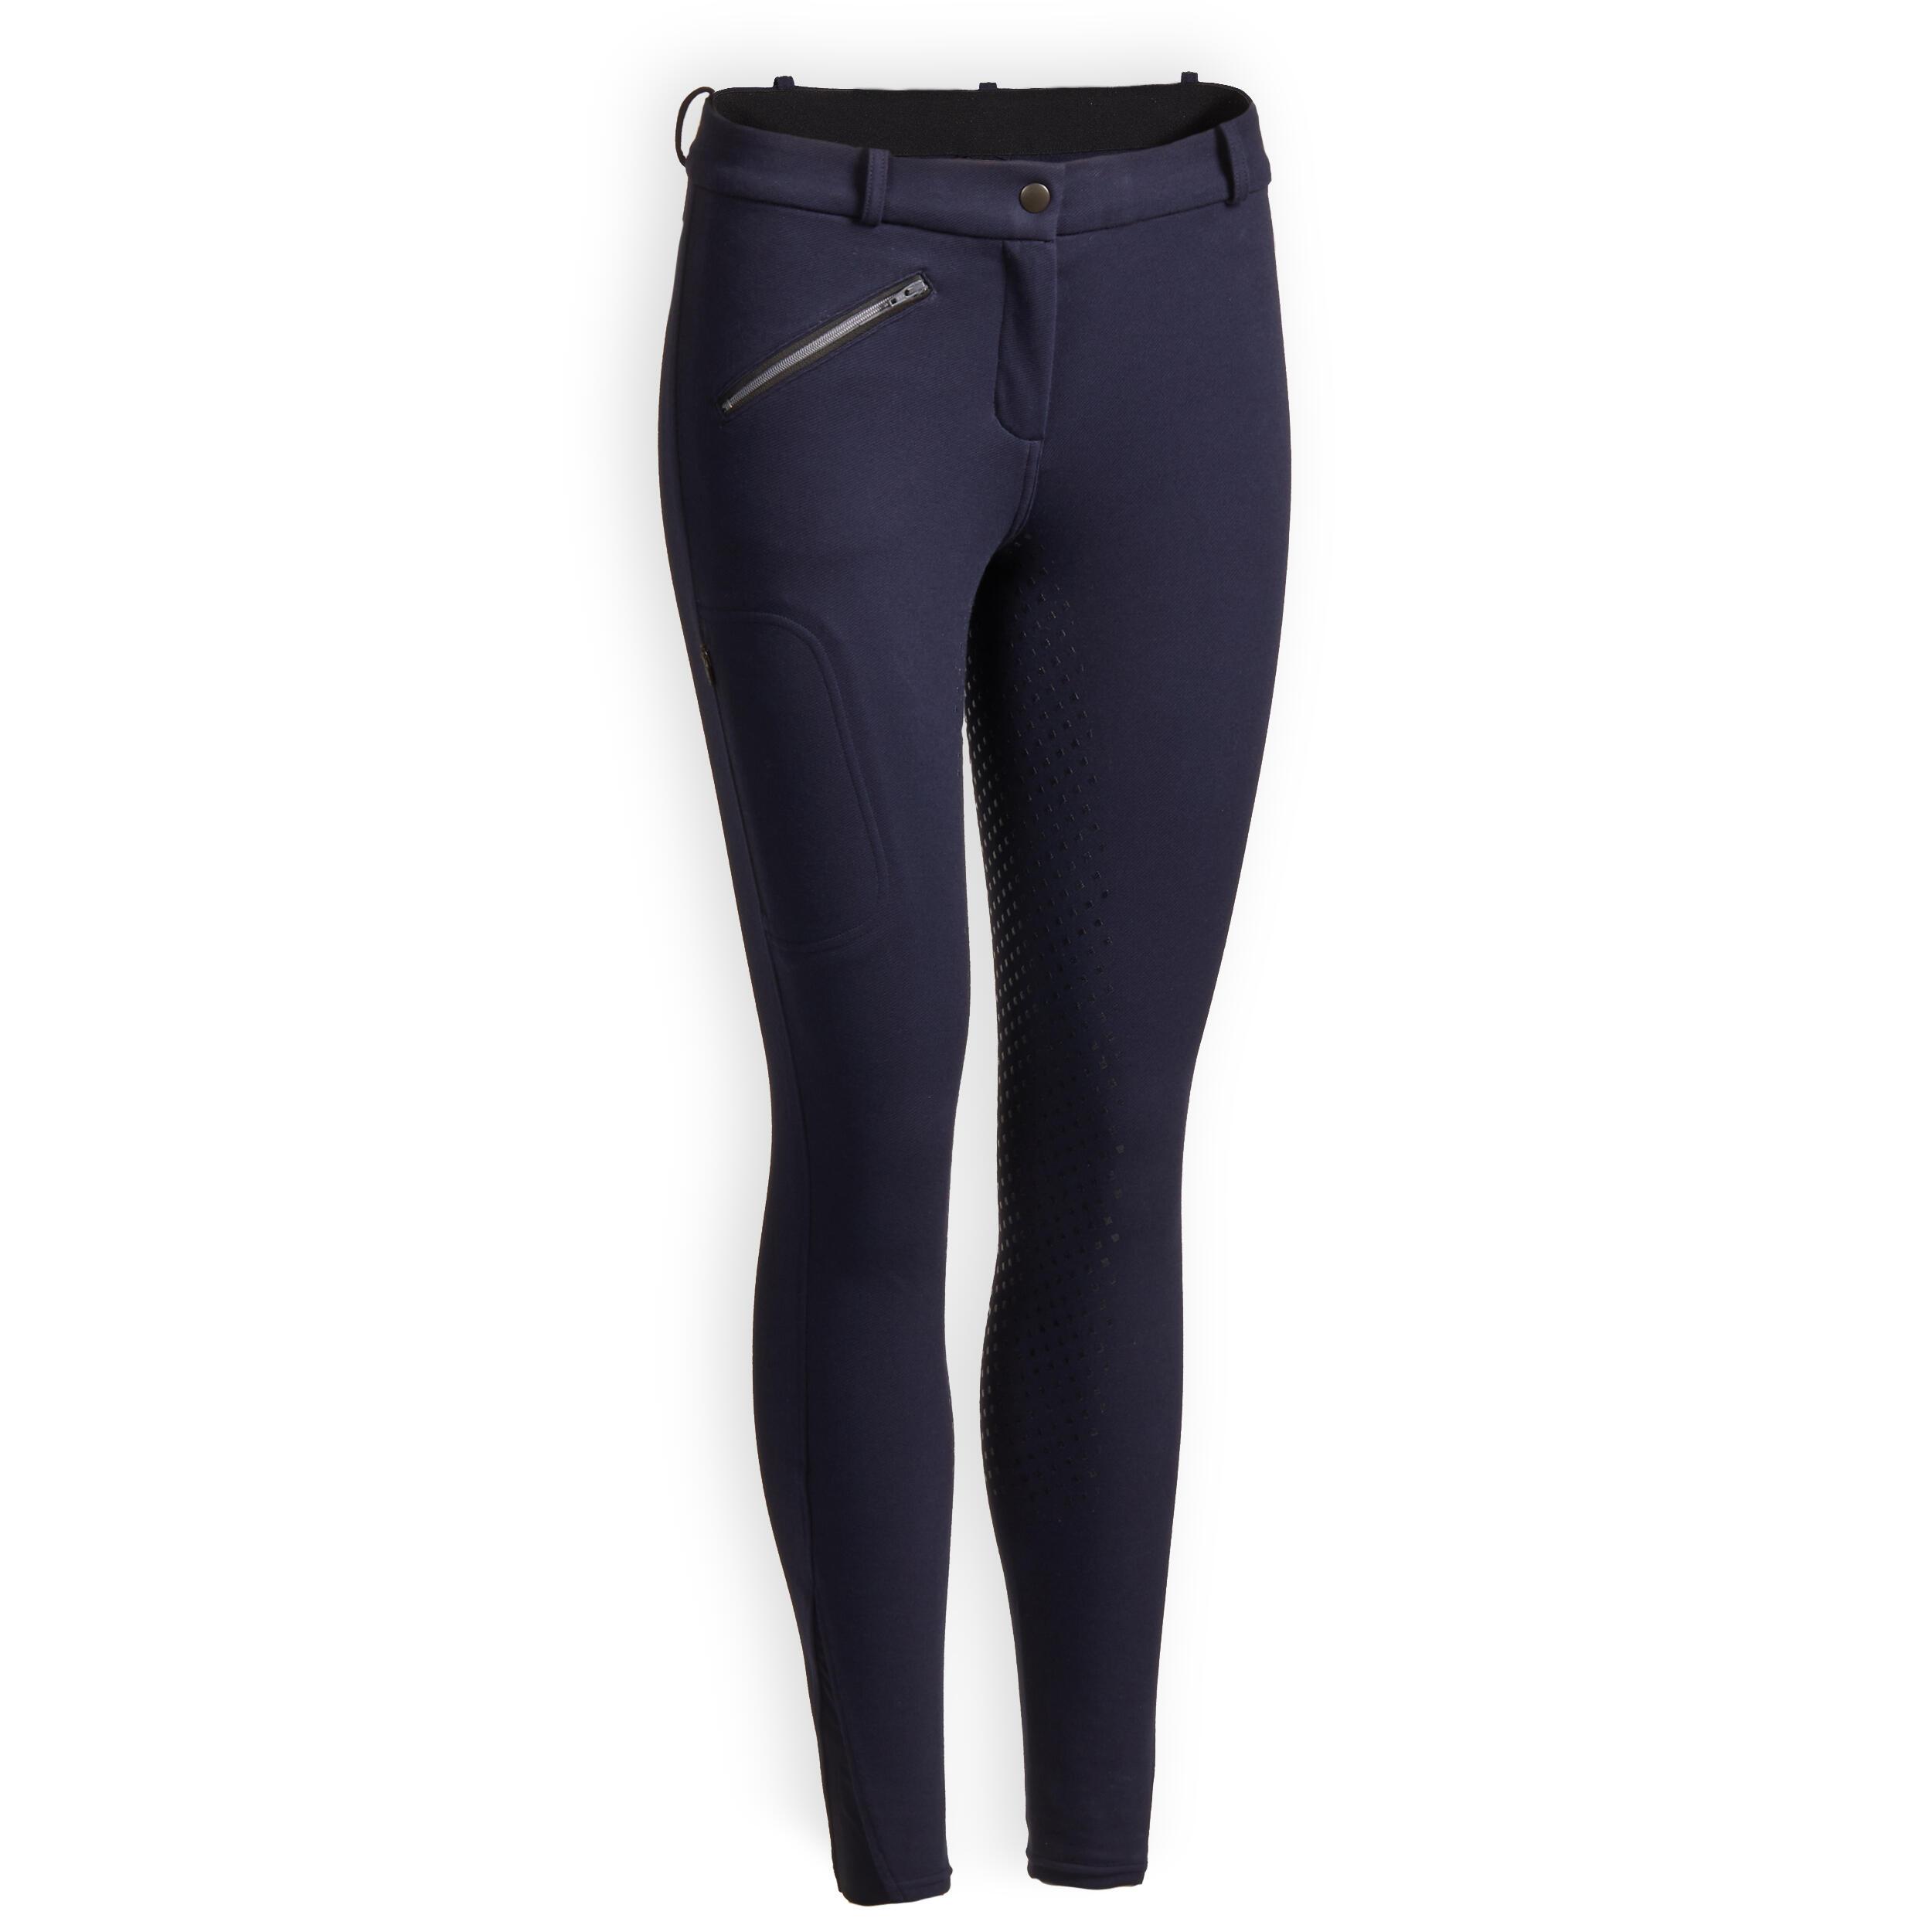 Pantalon 180 FULLGRIP damă